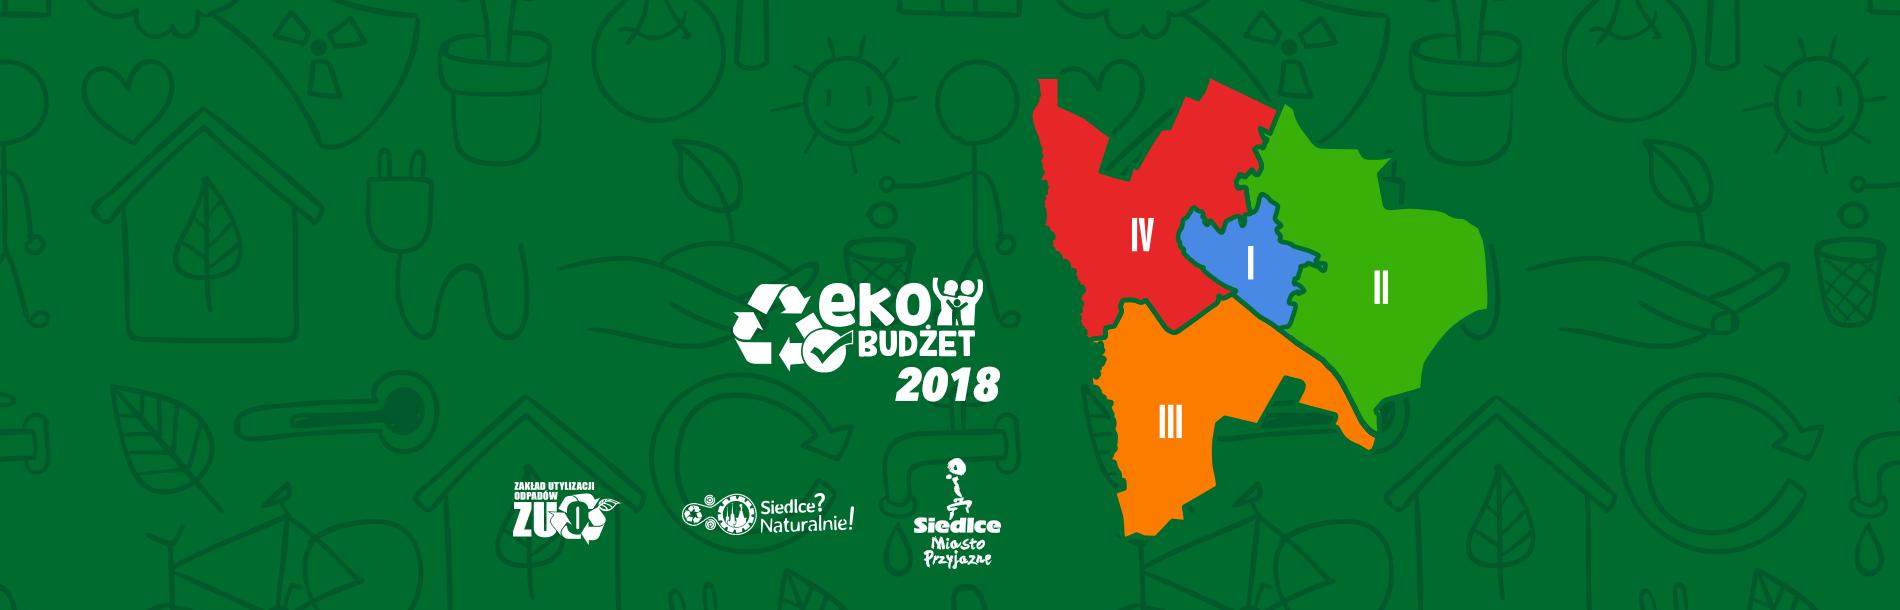 Eko Budżet 2018